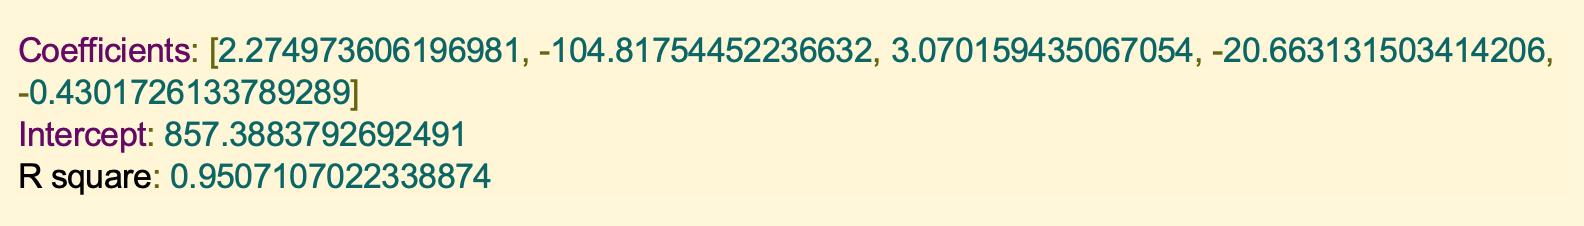 Coefficients: [2.274973606196981, -104.81754452236632, 3.070159435067054, -20.663131503414206, -0.4301726133789289] Intercept: 857.3883792692491 R square: 0.9507107022338874